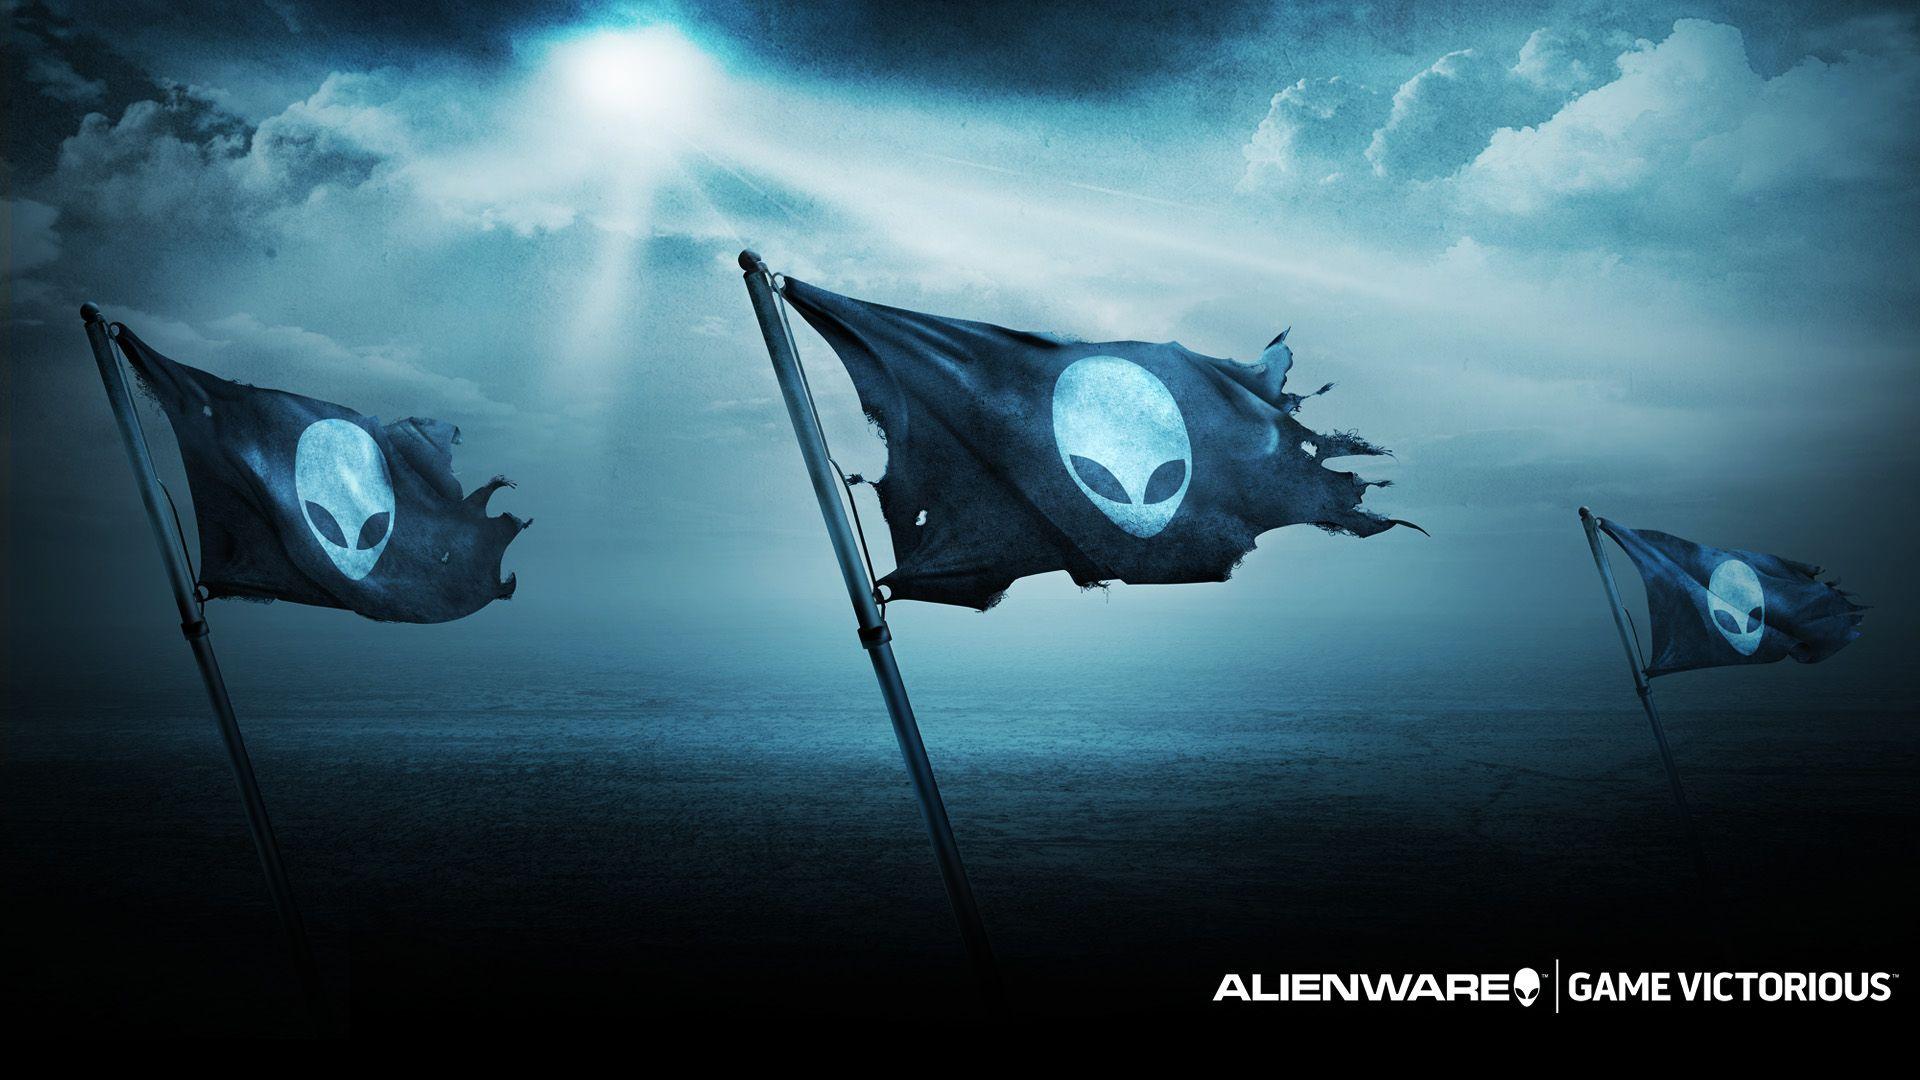 Alienware Wallpapers Hd